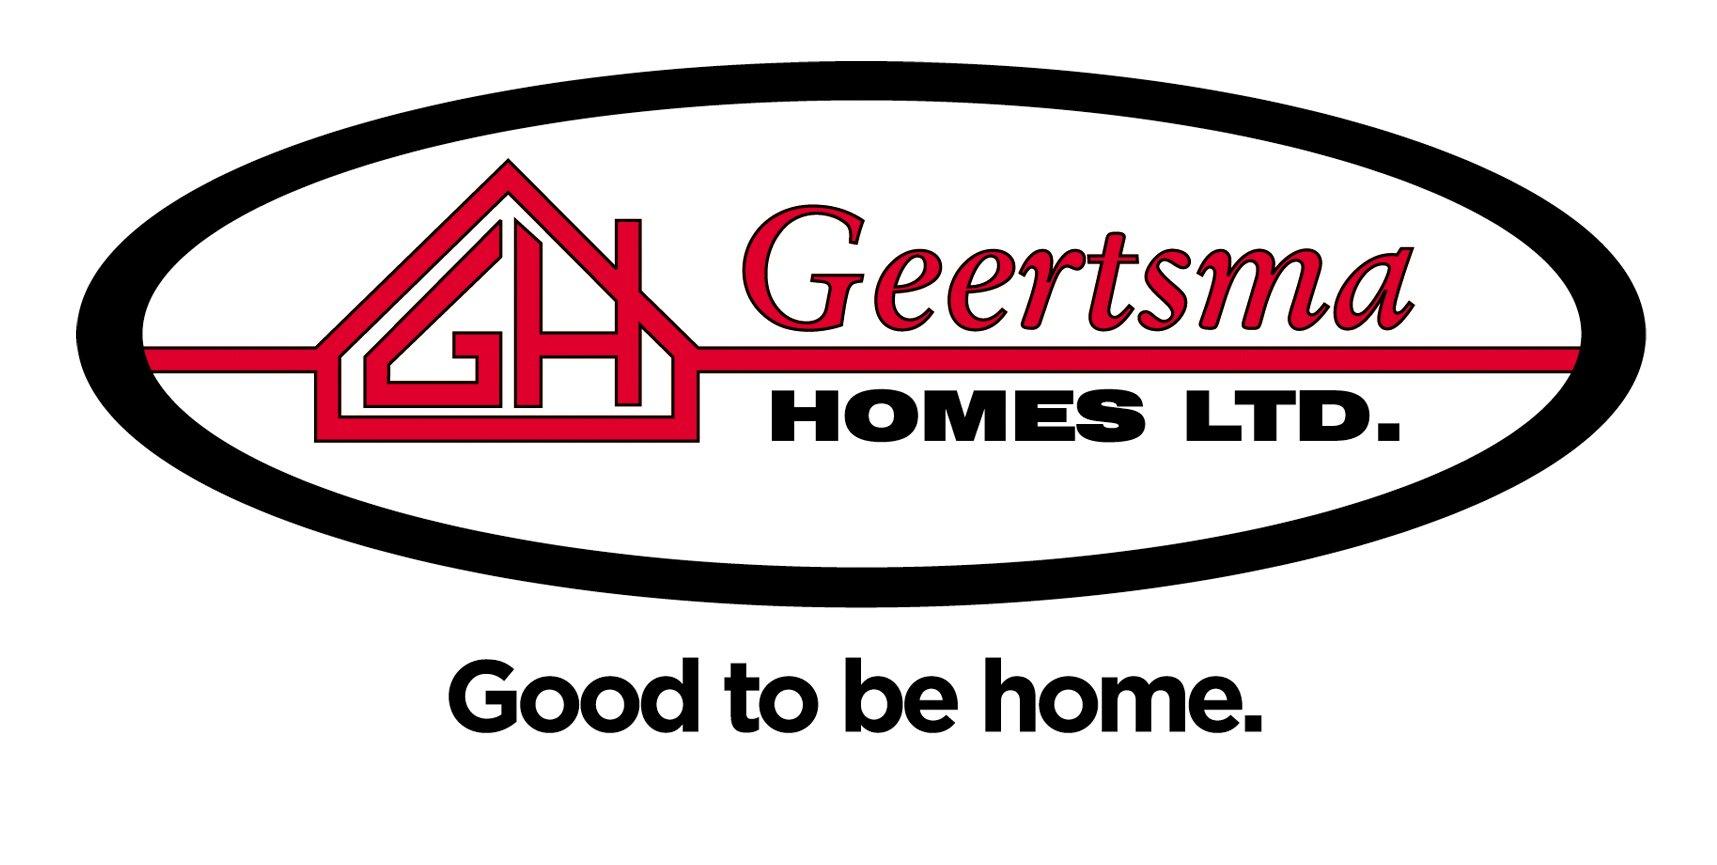 Geertsma Homes Ltd. (Heritage Park)